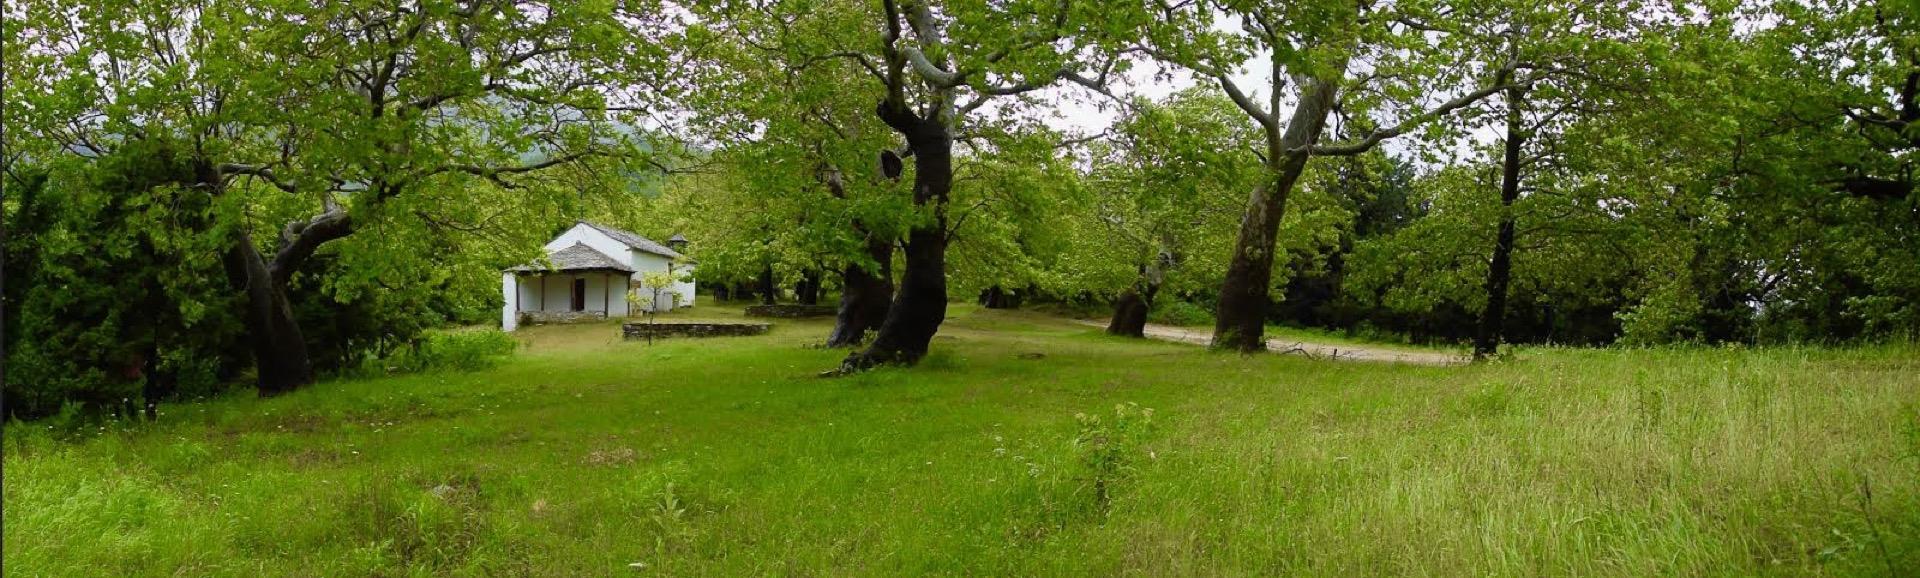 Καθημερινή εξειδικευμένη σωματική και φωνητική εξάσκηση με τον Κωστή Σφυρικίδη σε υπαίθριο χώρο στο δάσος.